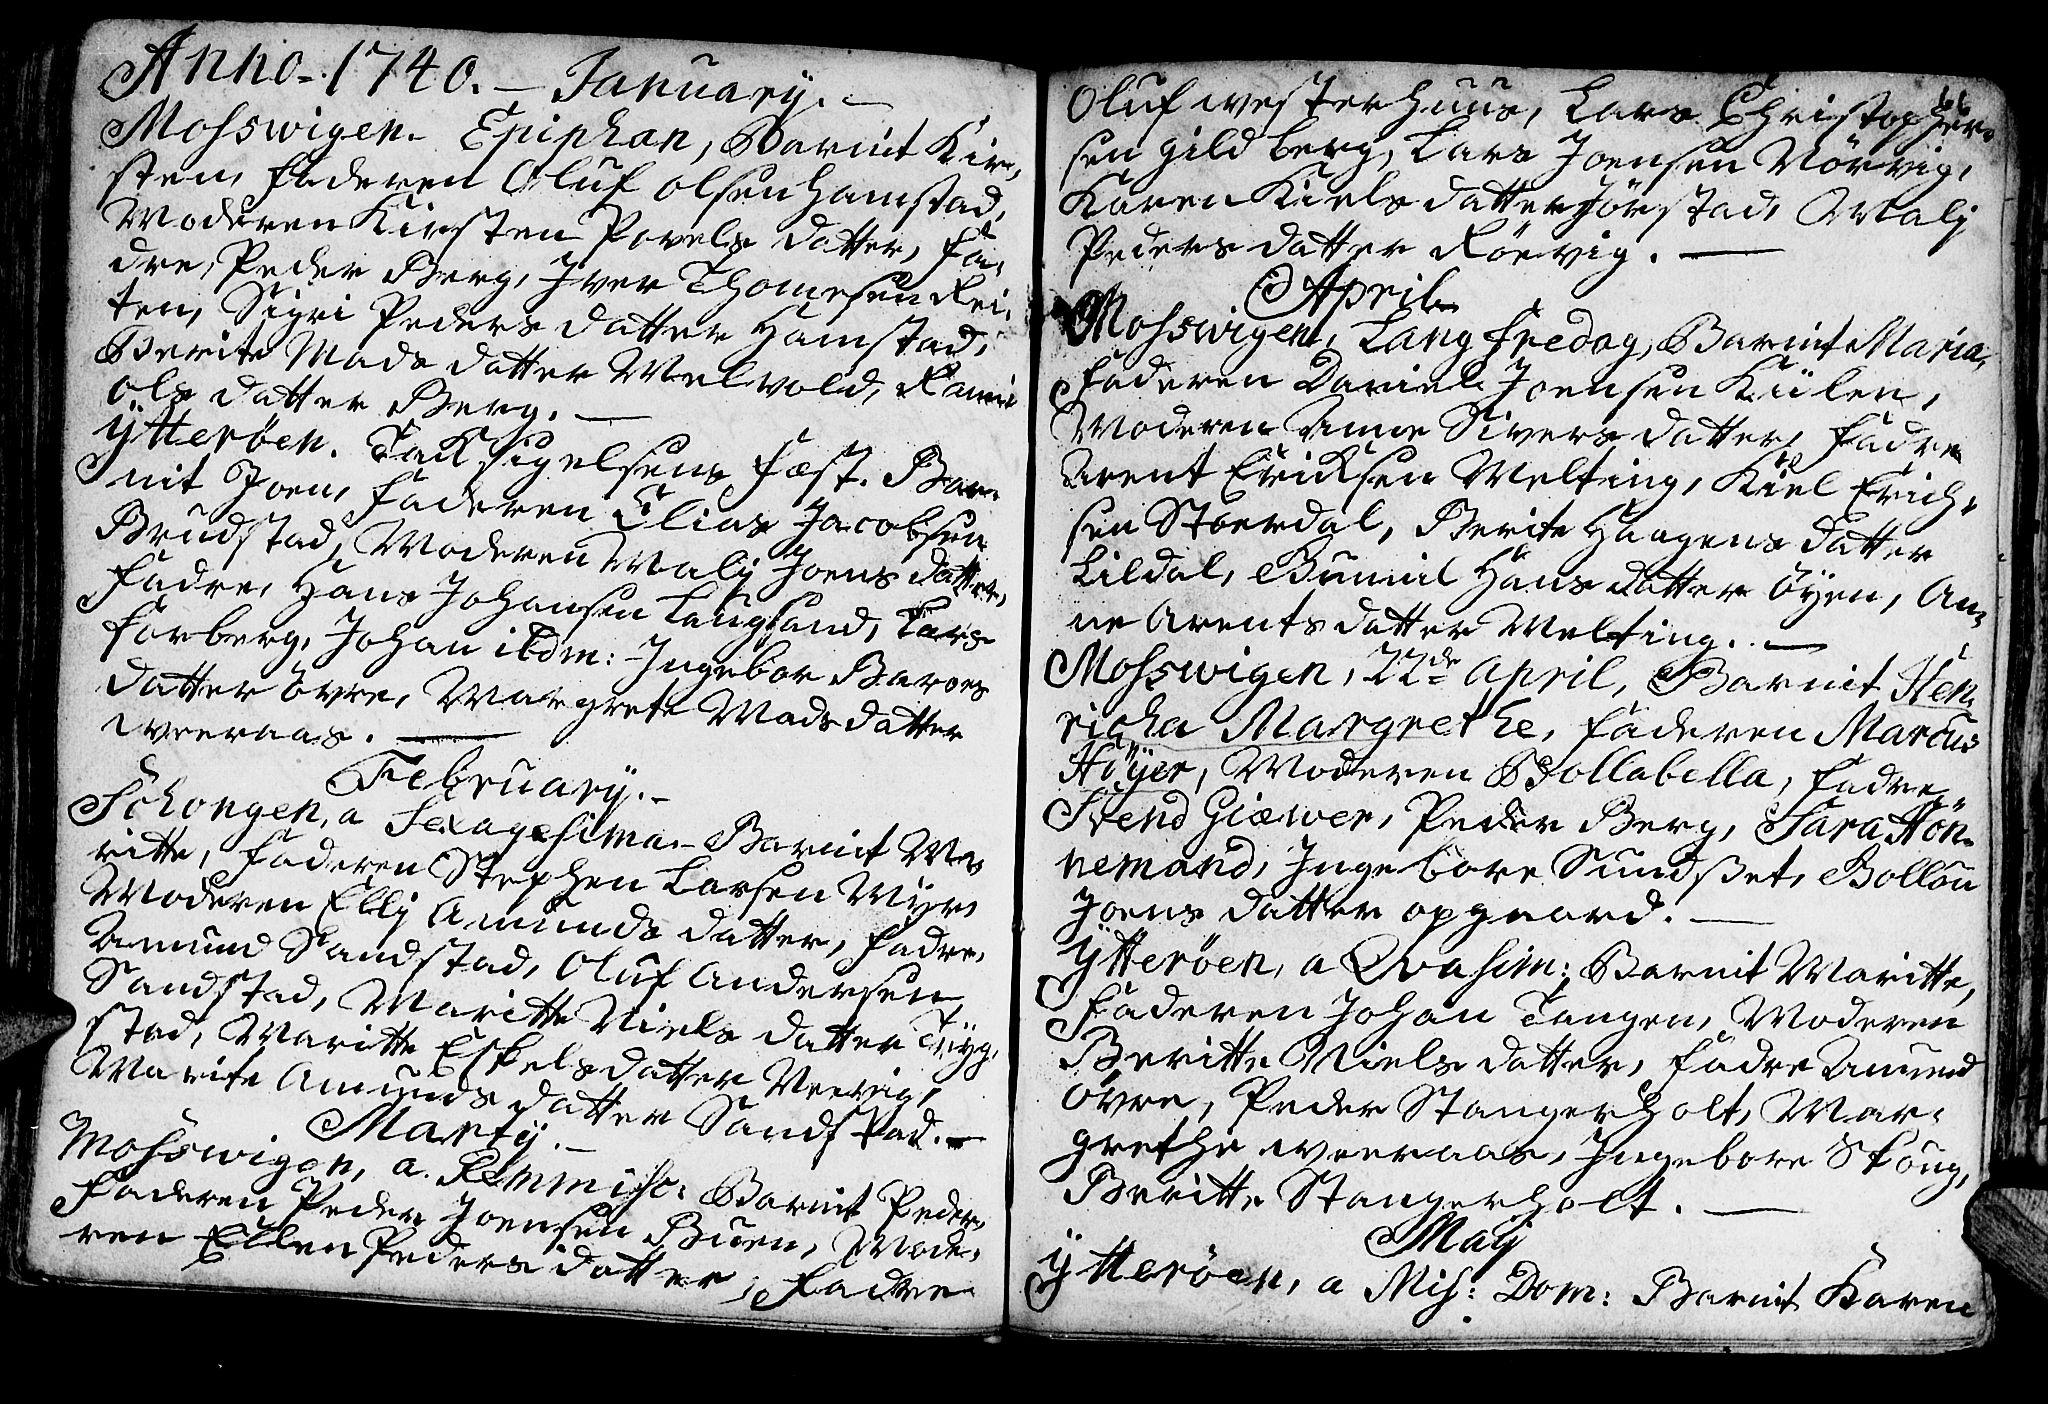 SAT, Ministerialprotokoller, klokkerbøker og fødselsregistre - Nord-Trøndelag, 722/L0215: Ministerialbok nr. 722A02, 1718-1755, s. 66